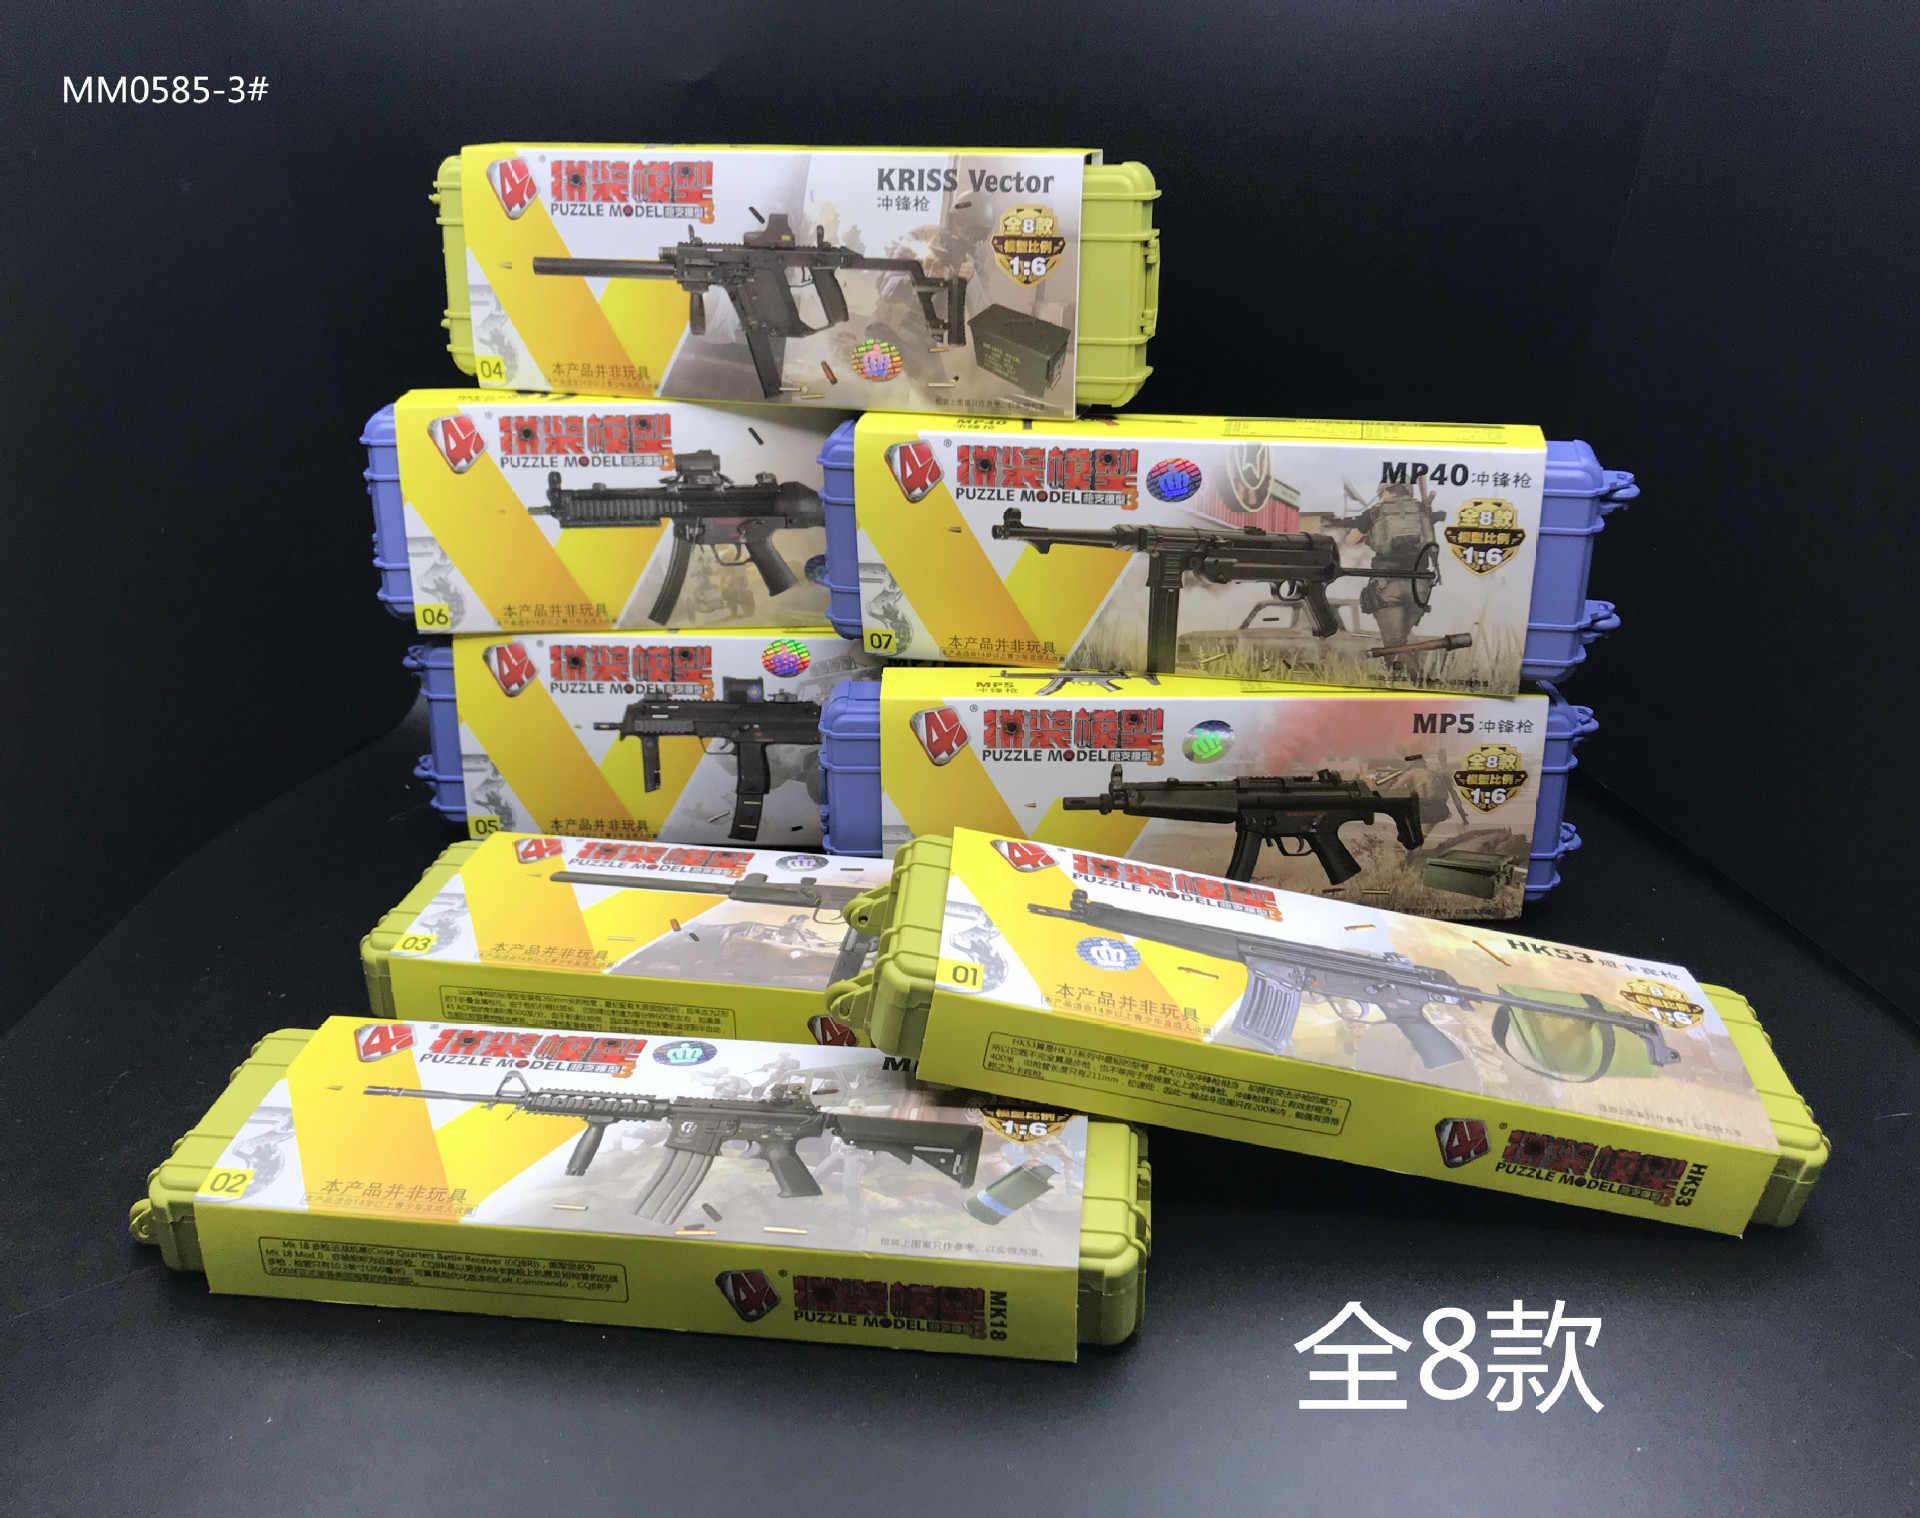 1:6 в штучной упаковке пистолет Модель 3-го поколения MP5 MP40 UZI MP7 4D модель головоломка DIY статическая пластиковая Военная собранная модель оружия игрушки